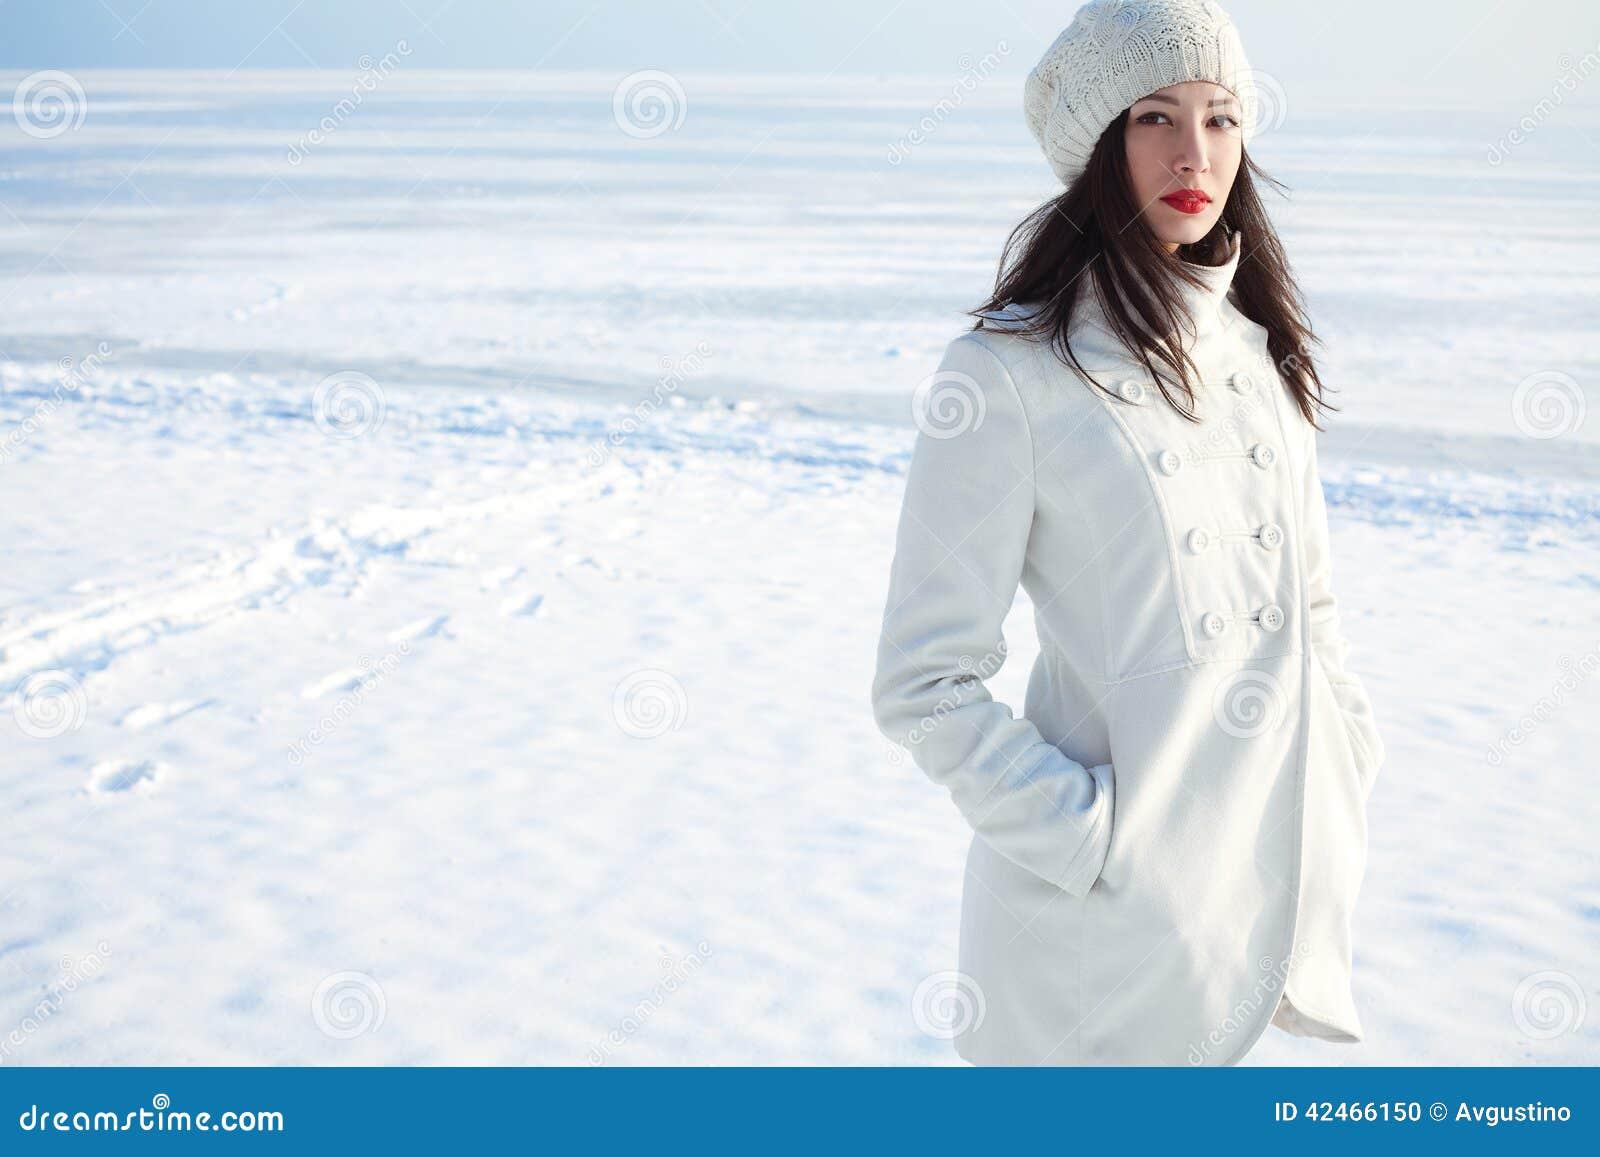 Modernes Modell im weißen Mantel nahe Wintermeer